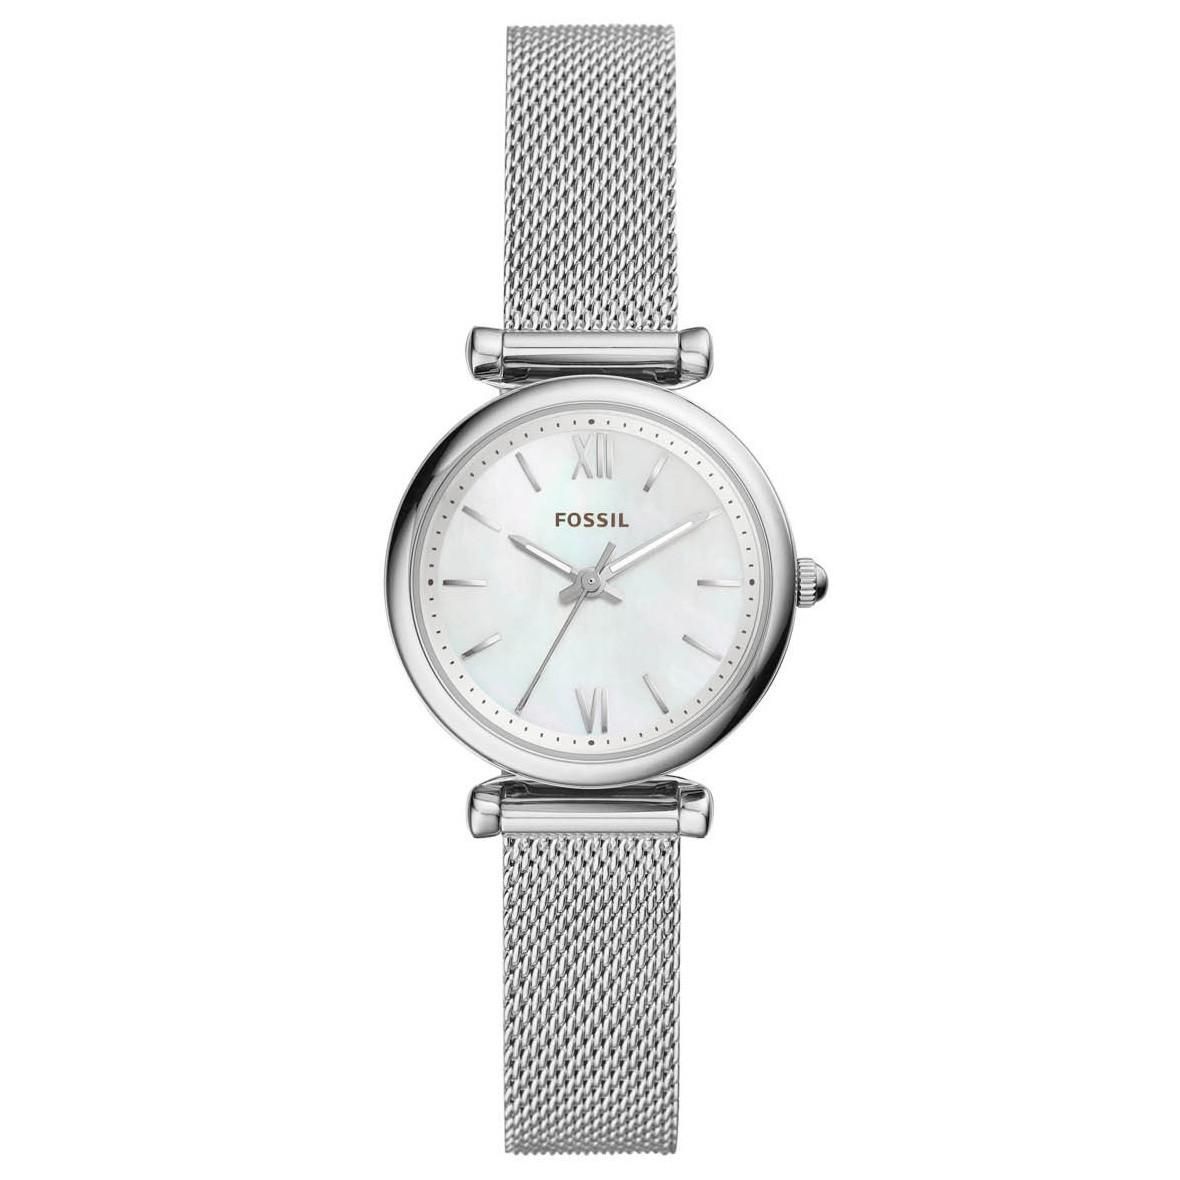 Fossil ES4432 Horloge Carlie staal zilverkleurig 28 mm